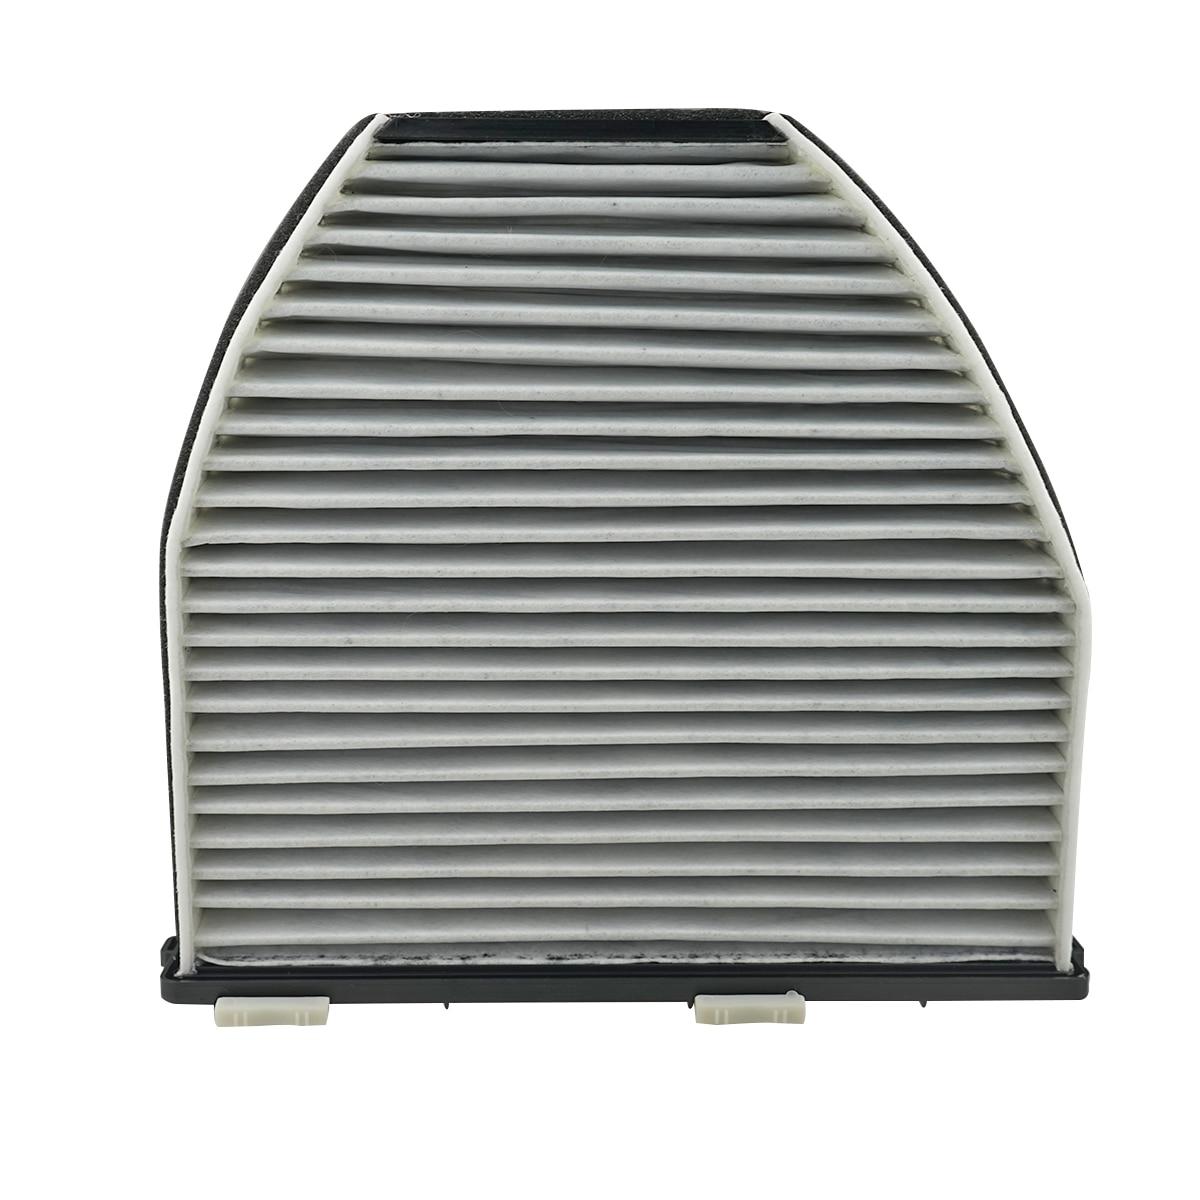 Car Cabin Filter For Benz w / c / S204-c Class, Wc / S212-e-class a / C207-e Class X204-glk300/glk350 W204 C204 2048300518